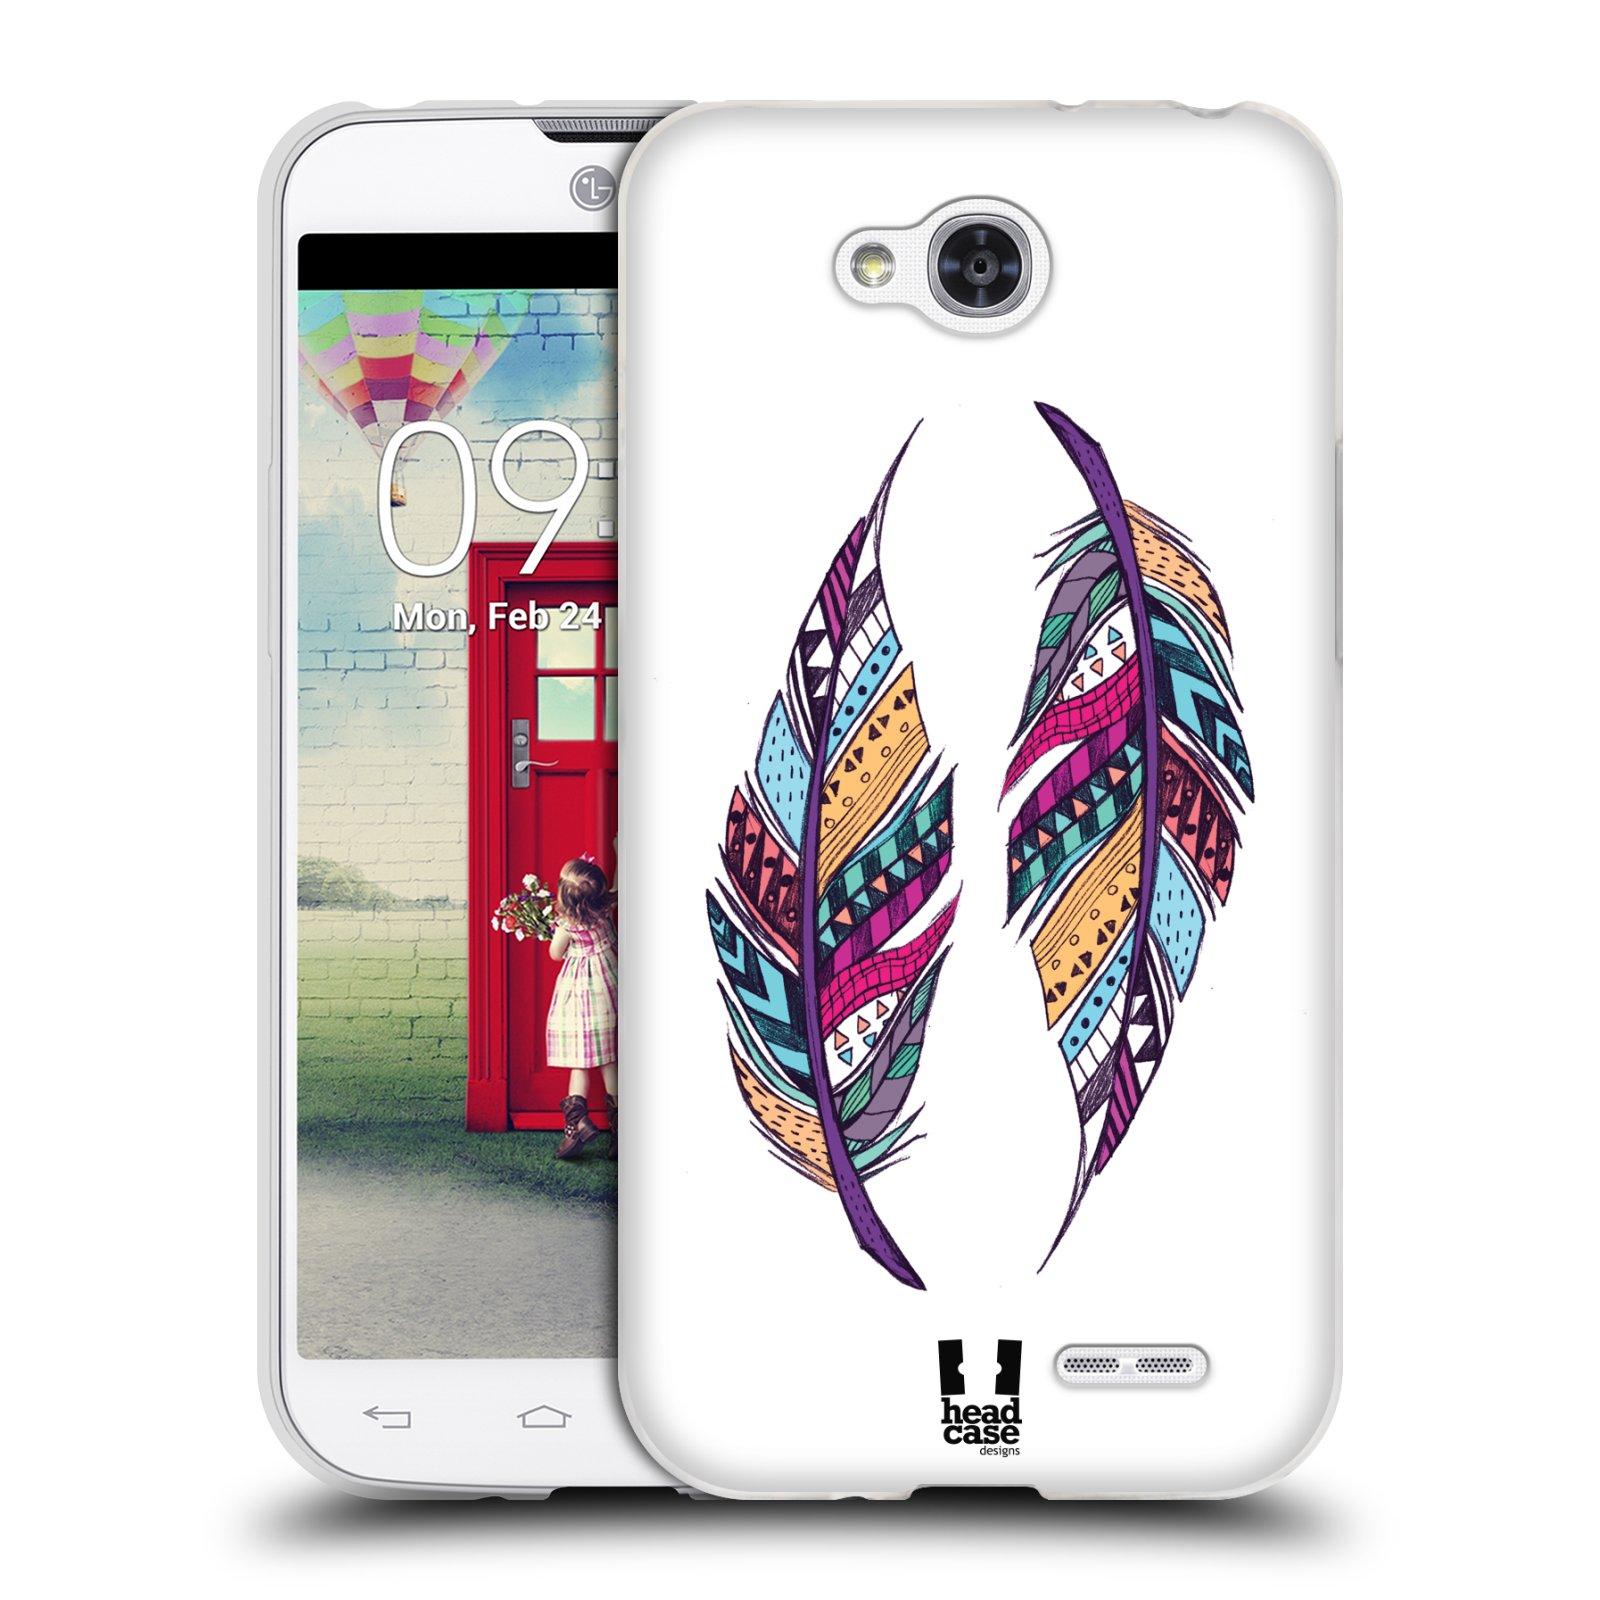 Silikonové pouzdro na mobil LG L90 HEAD CASE AZTEC PÍRKA (Silikonový kryt či obal na mobilní telefon LG L90 D405n)